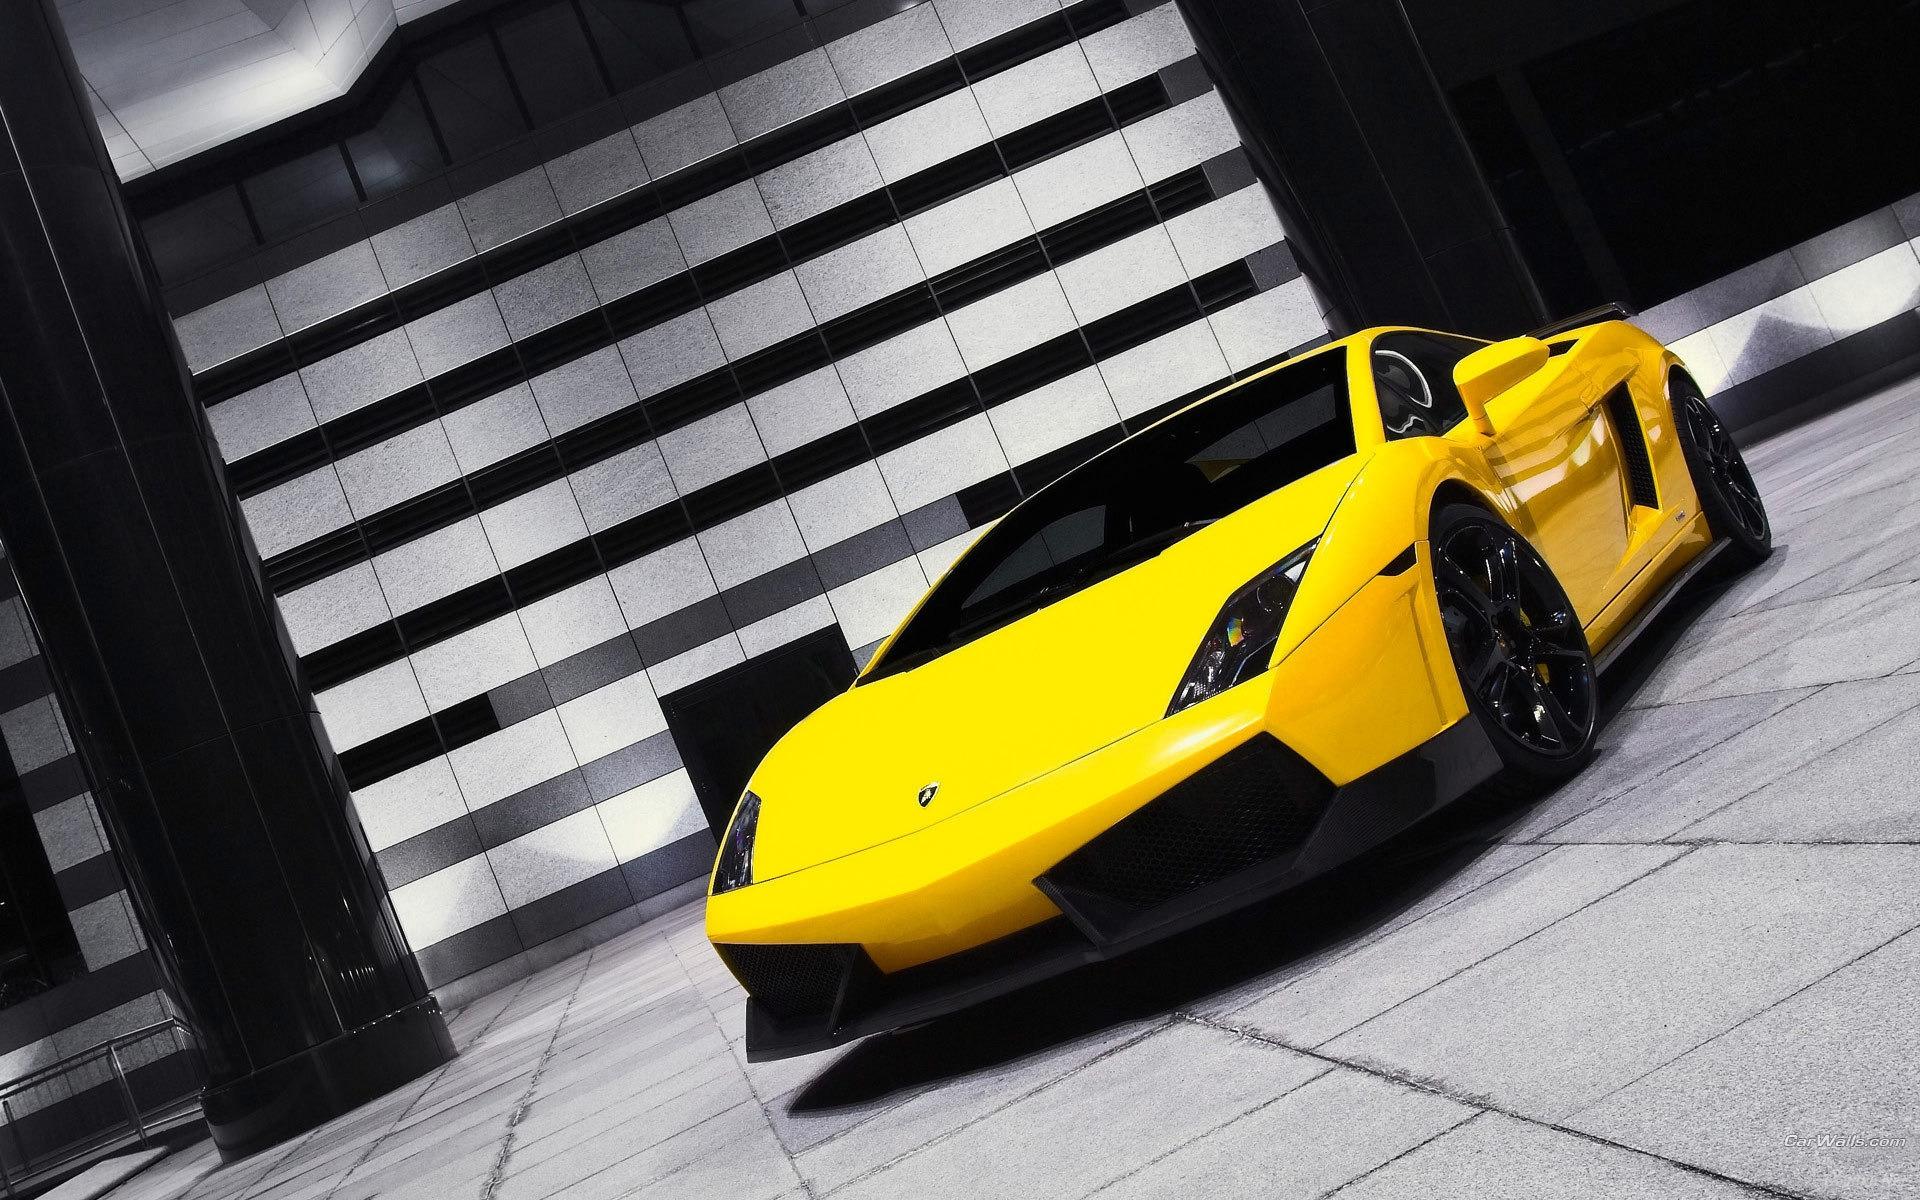 Lamborghini Gallardo screensaver HD Desktop Wallpaper 1920x1200